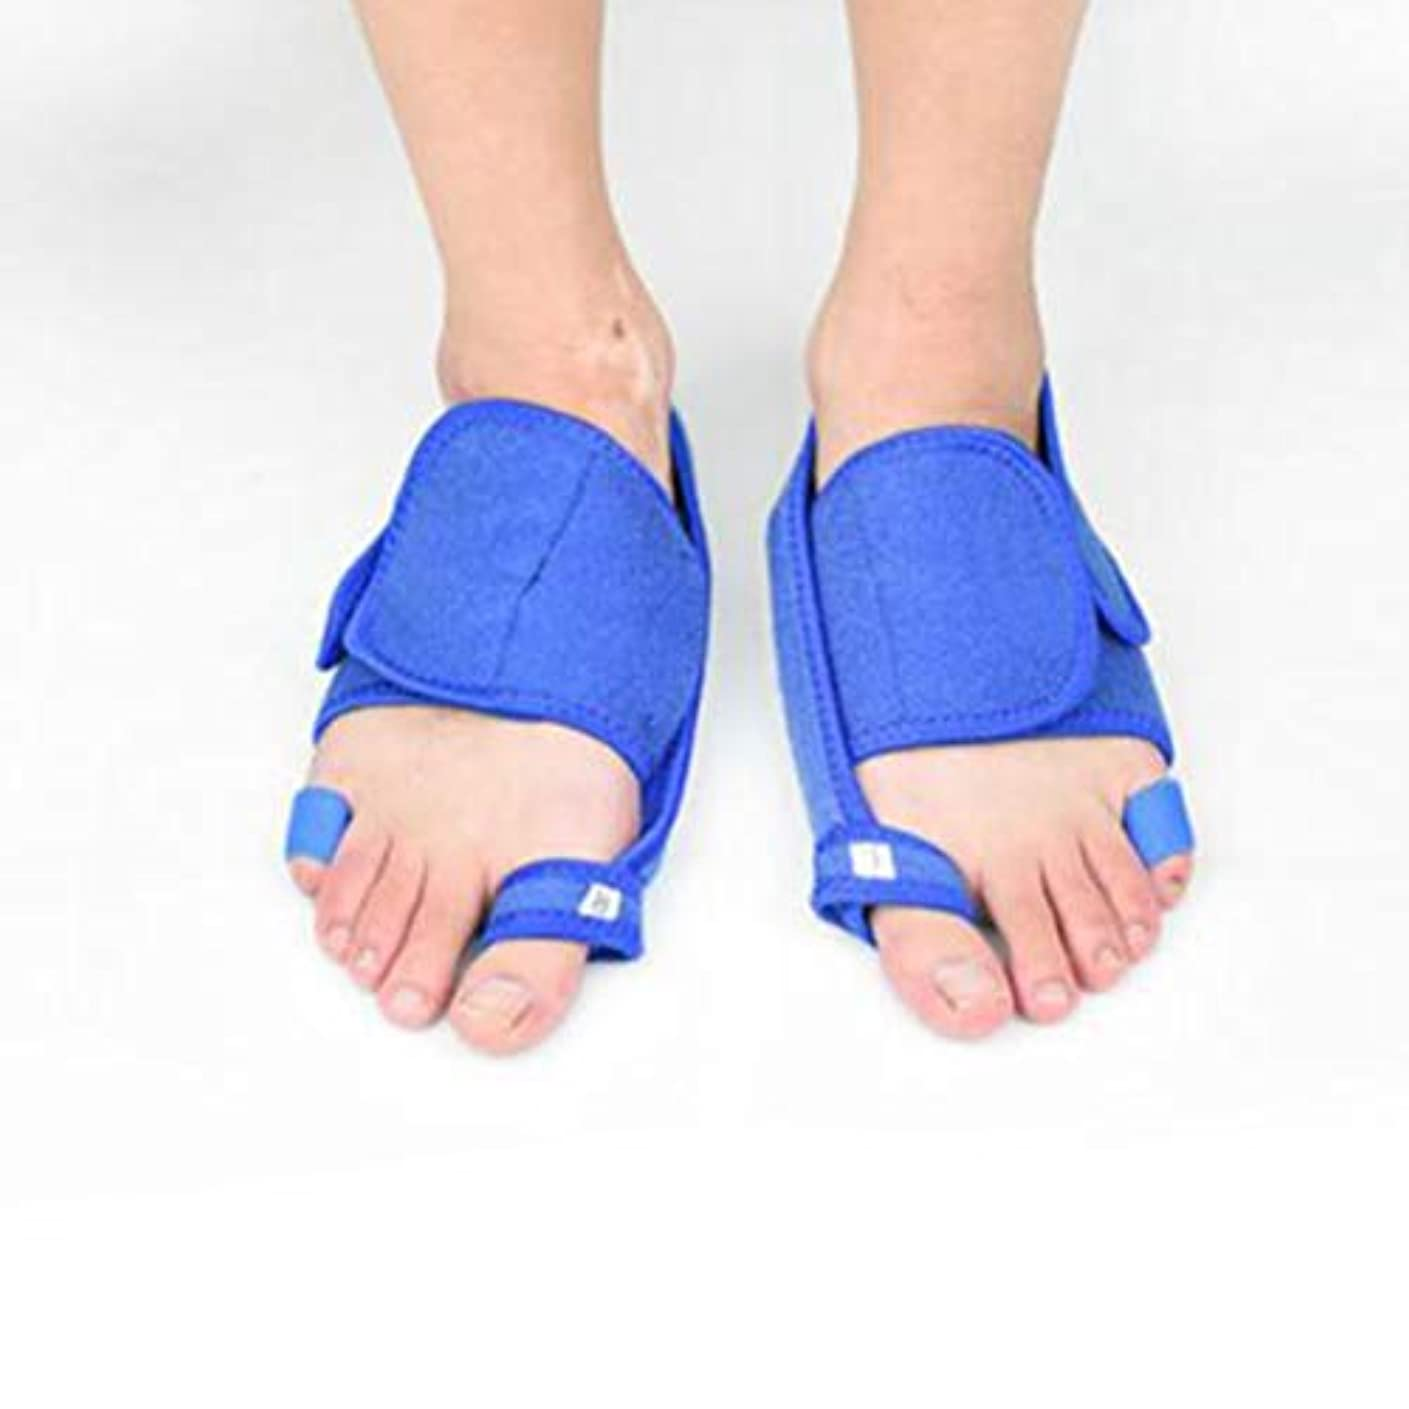 歩く枯渇するオーロックHEALLILY つま先セパレーター1ペアつま先補正バンド外反母painの痛みの救済のための腱膜瘤補正女性の男性のつま先の痛み治療のための外反矯正